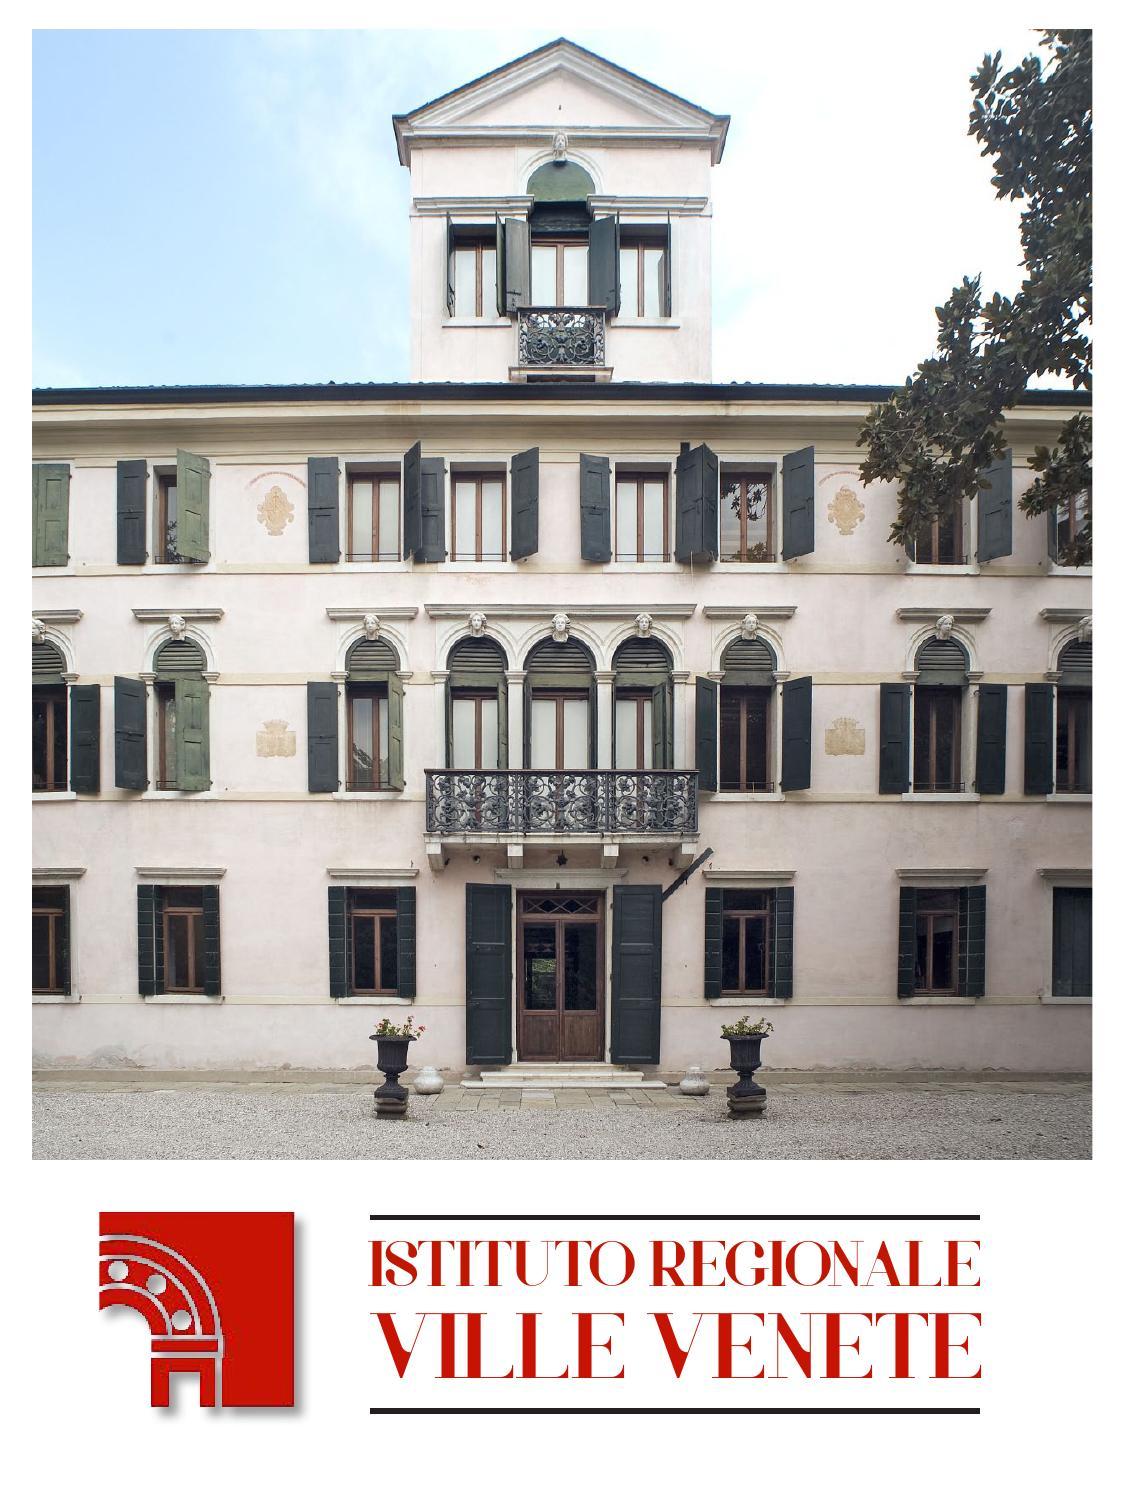 Istituto Regionale Ville Venete.Istituto Regionale Ville Venete By Istituto Regionale Ville